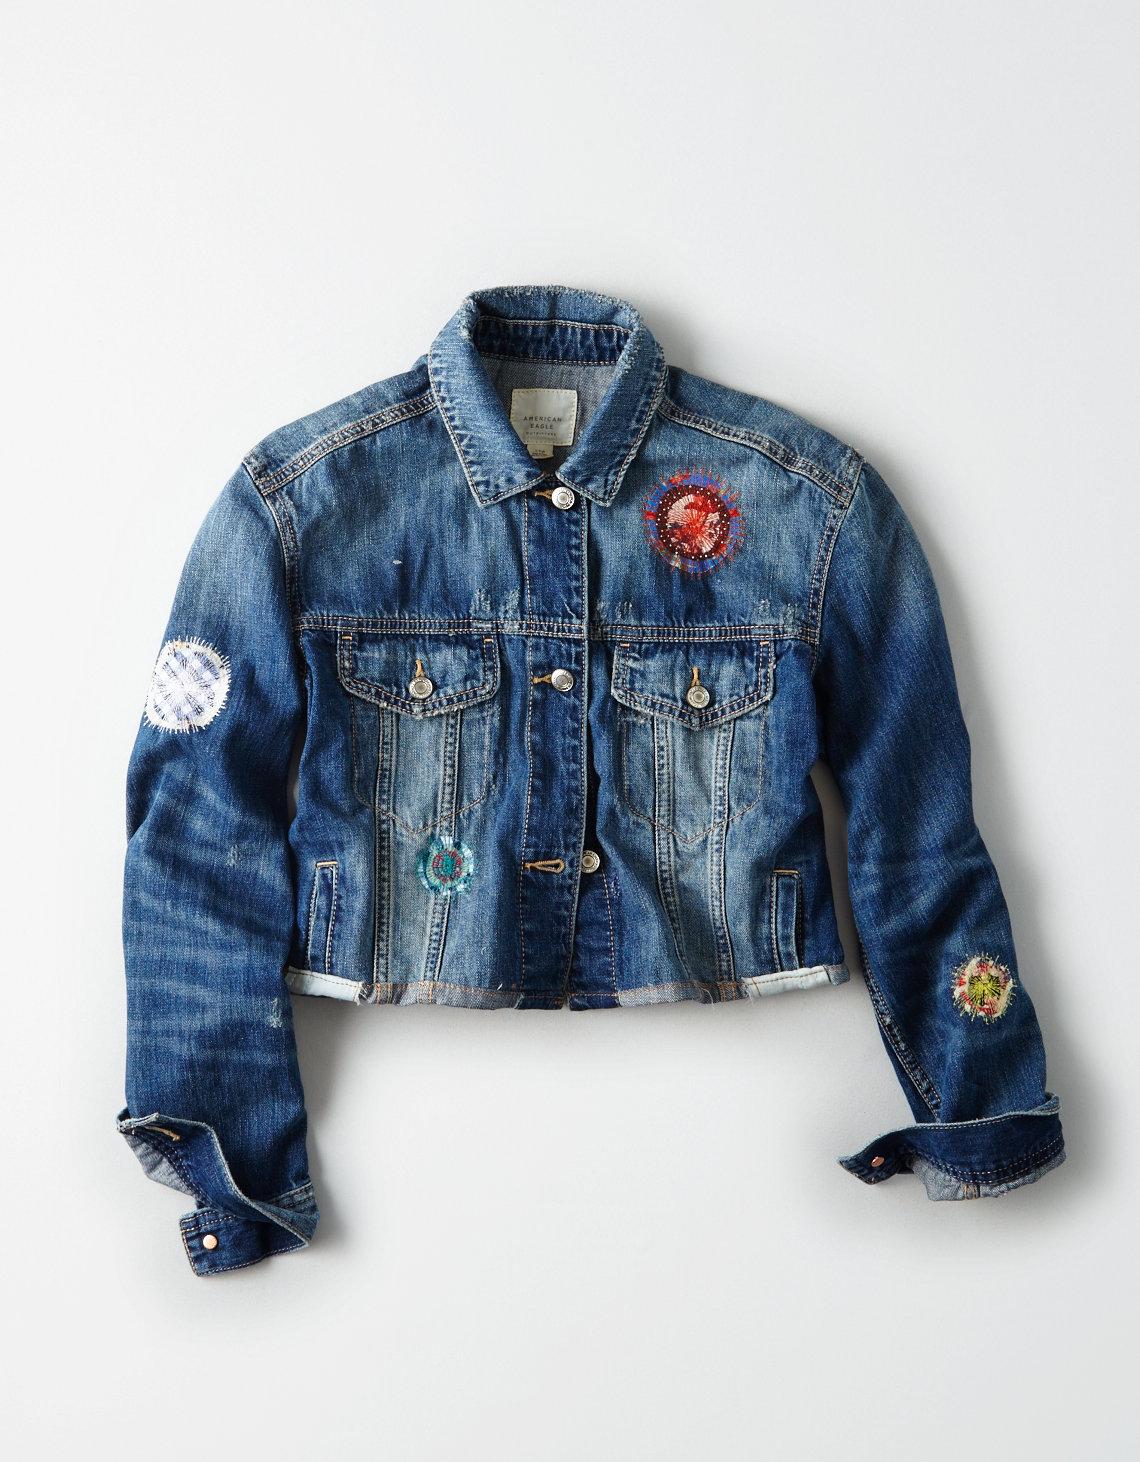 Atelier & Repairs X AE Cropped Denim Jacket